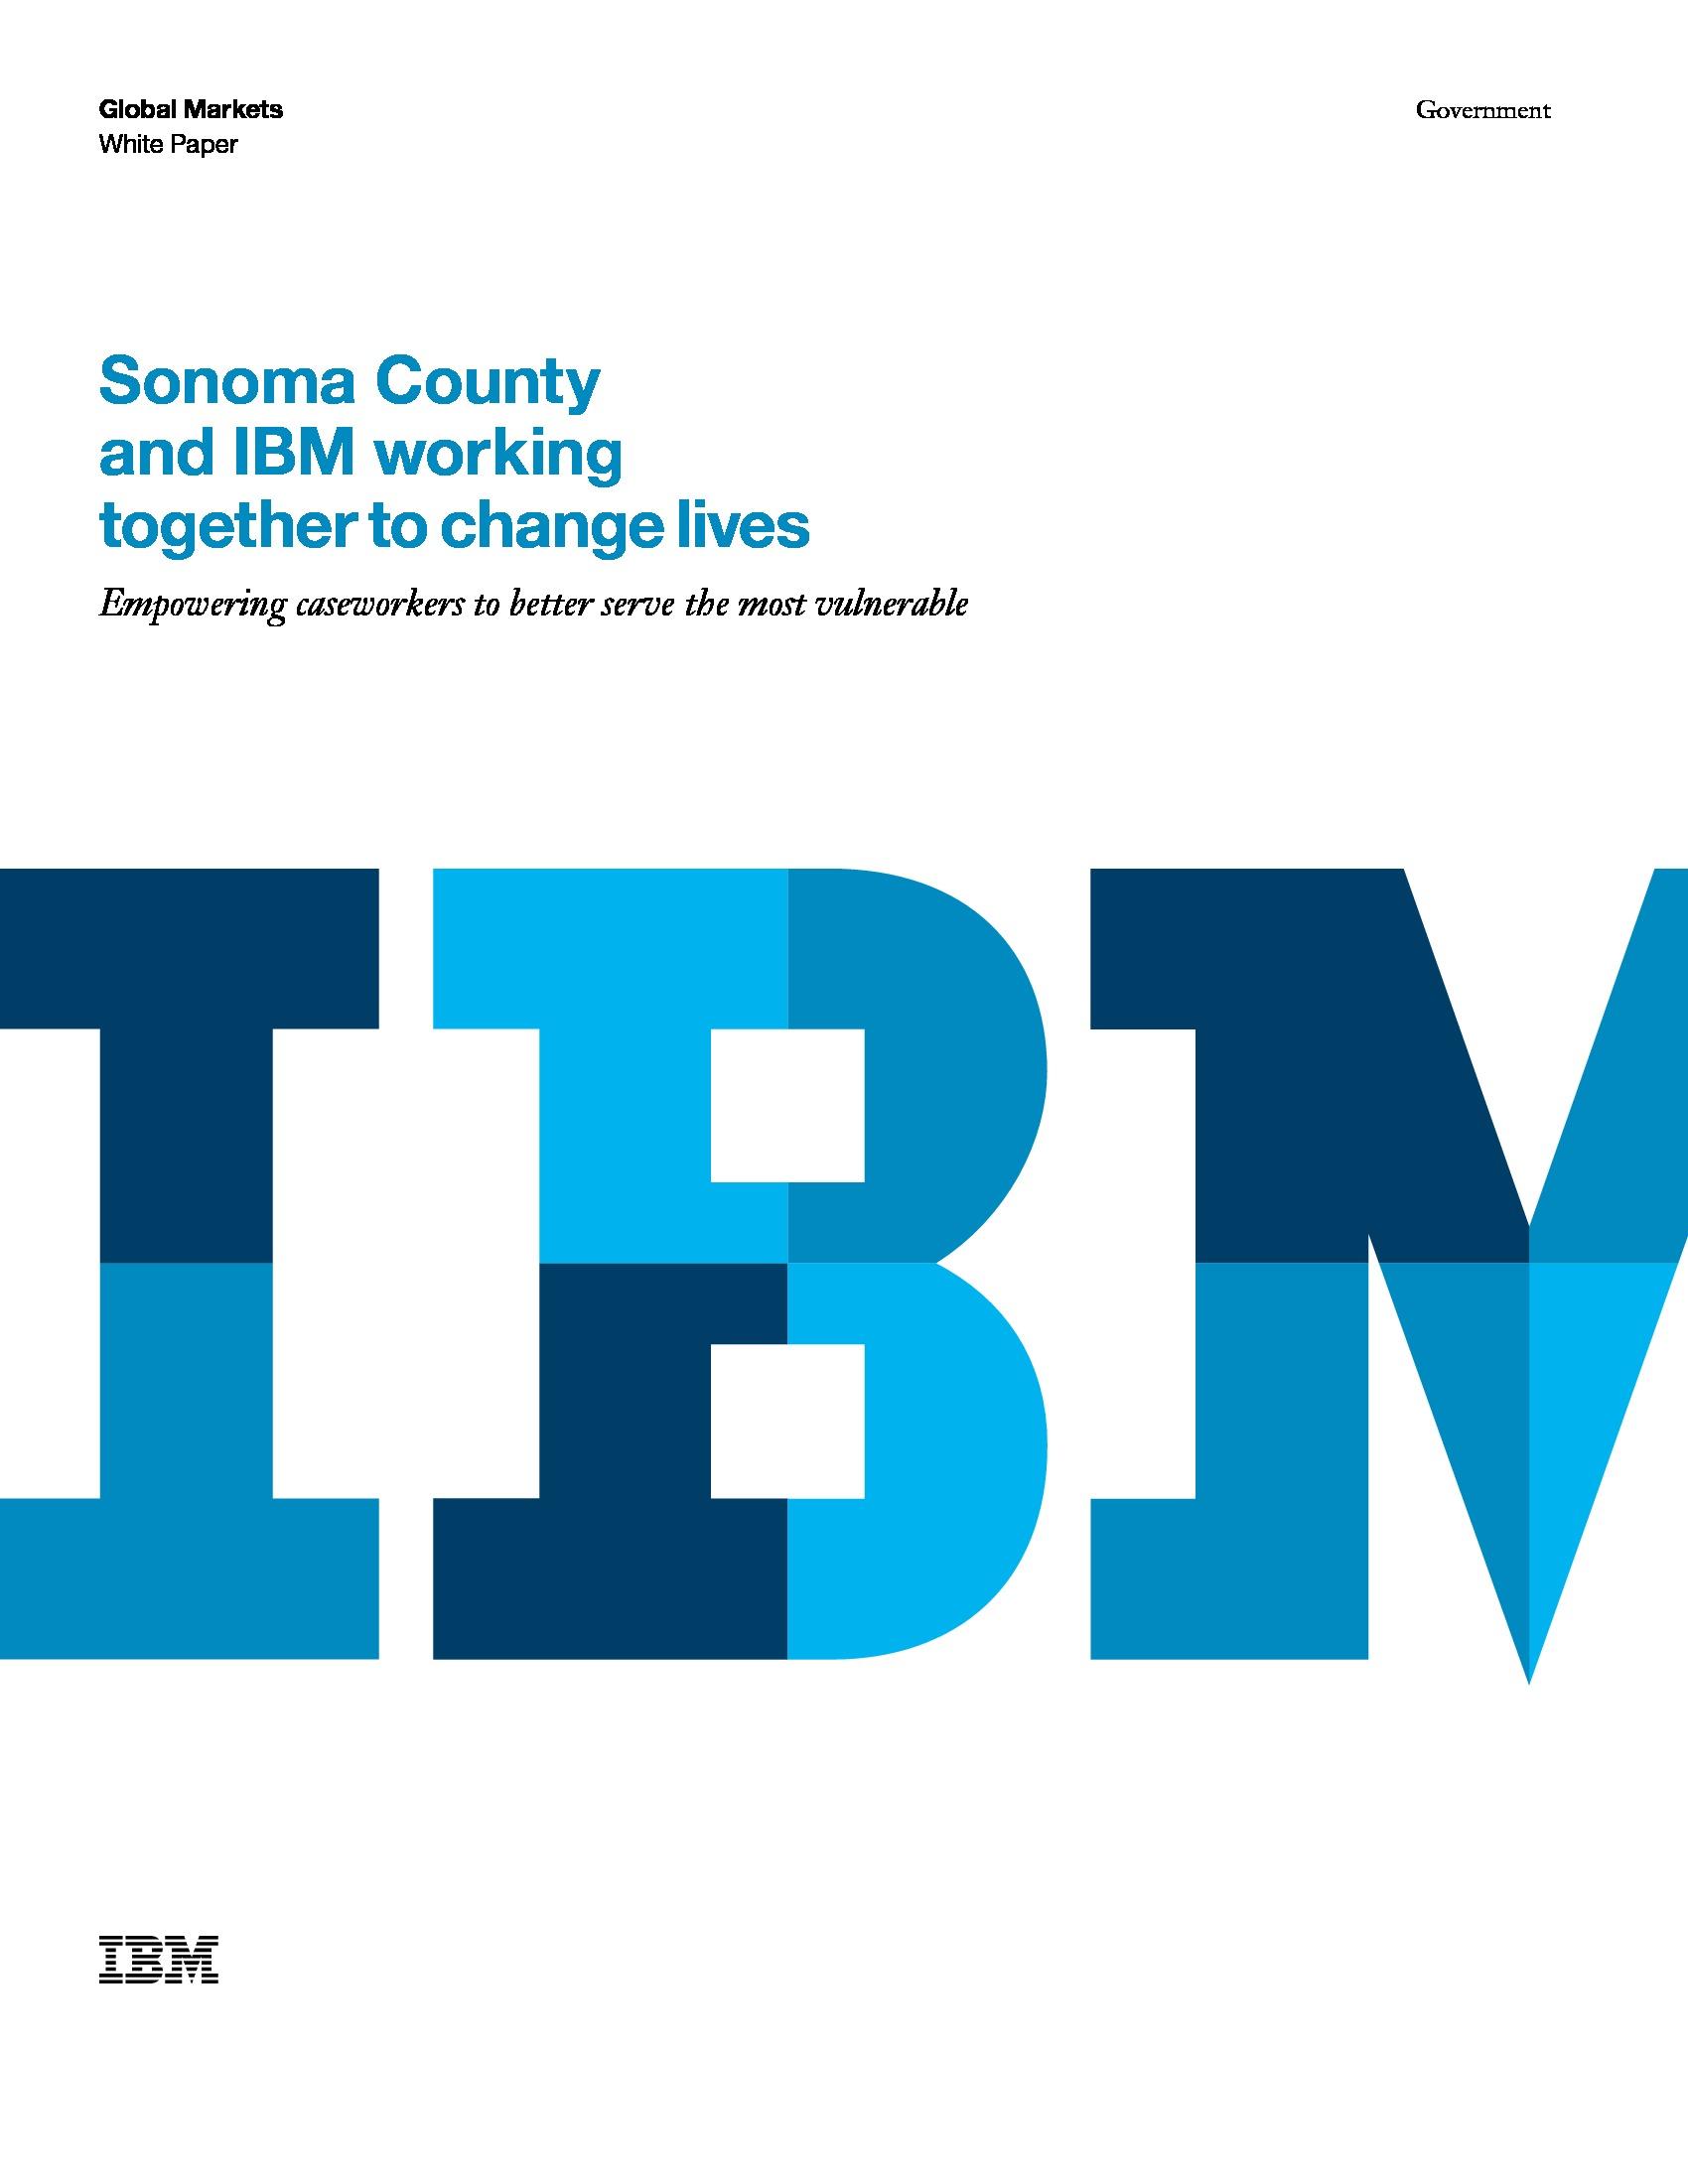 GOV - IBM - Smarter Microsite 2019 - Sonoma County